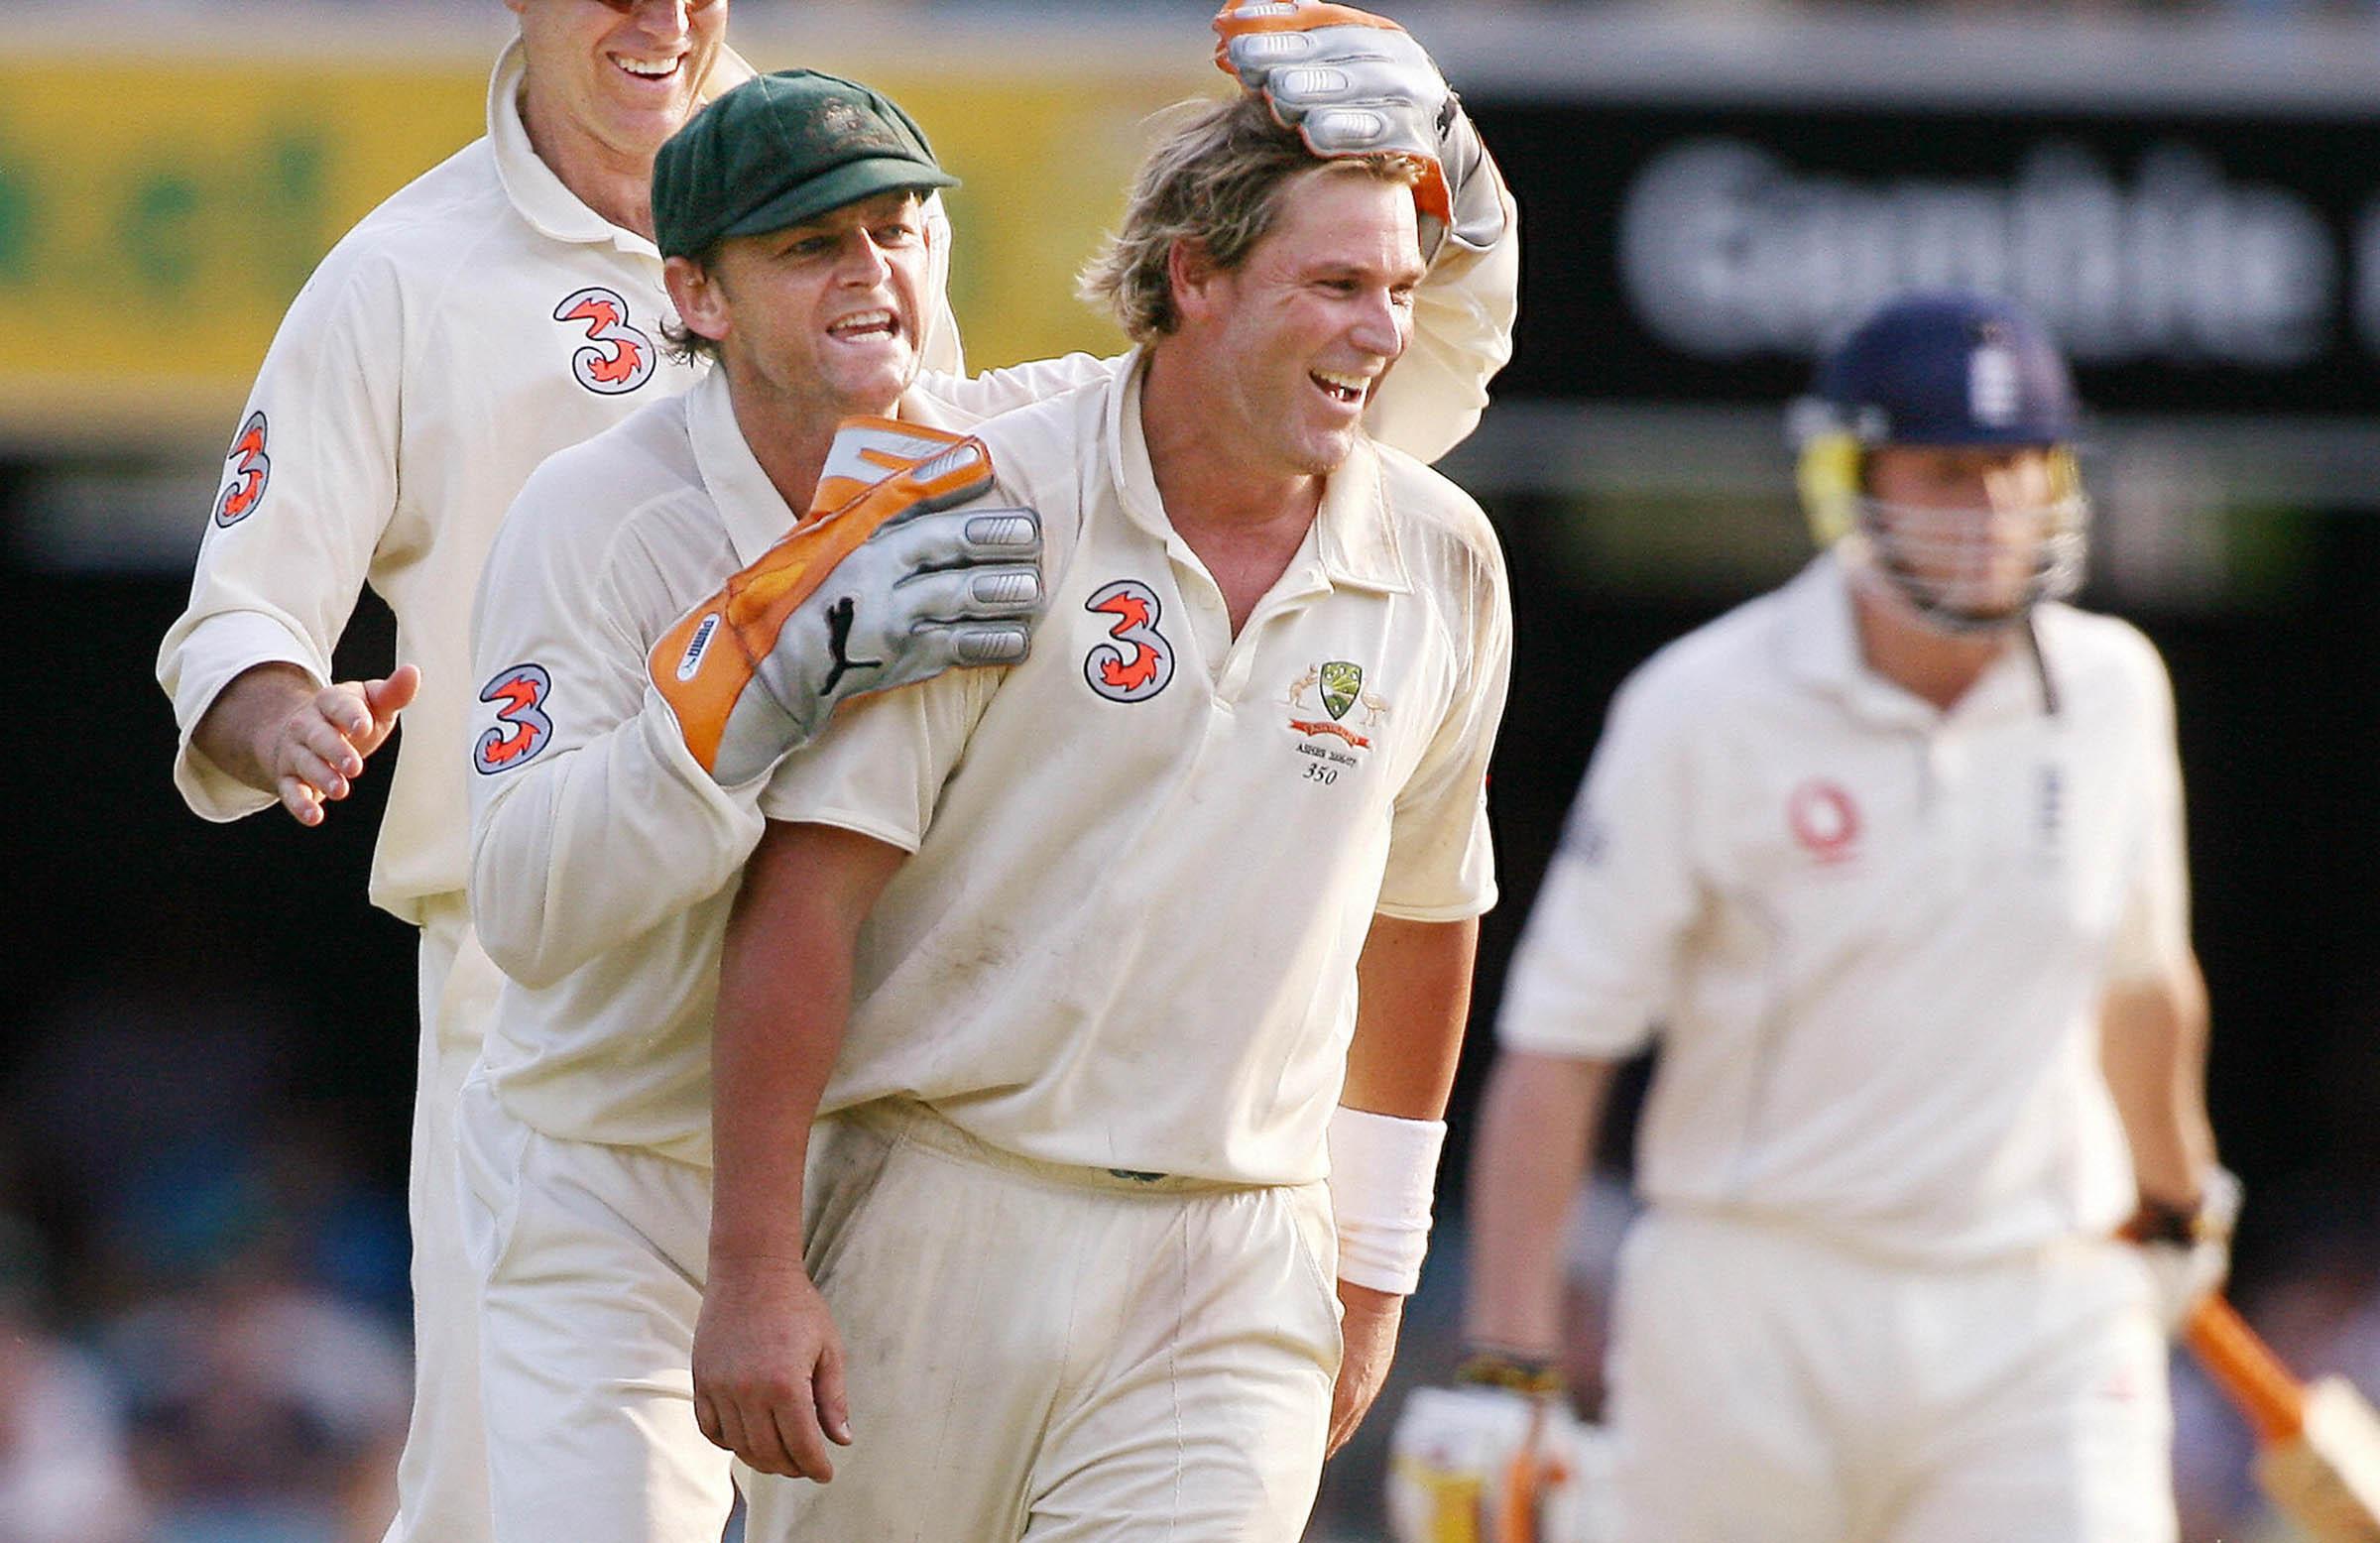 We have a generation of failing batsmen: Hagdorn